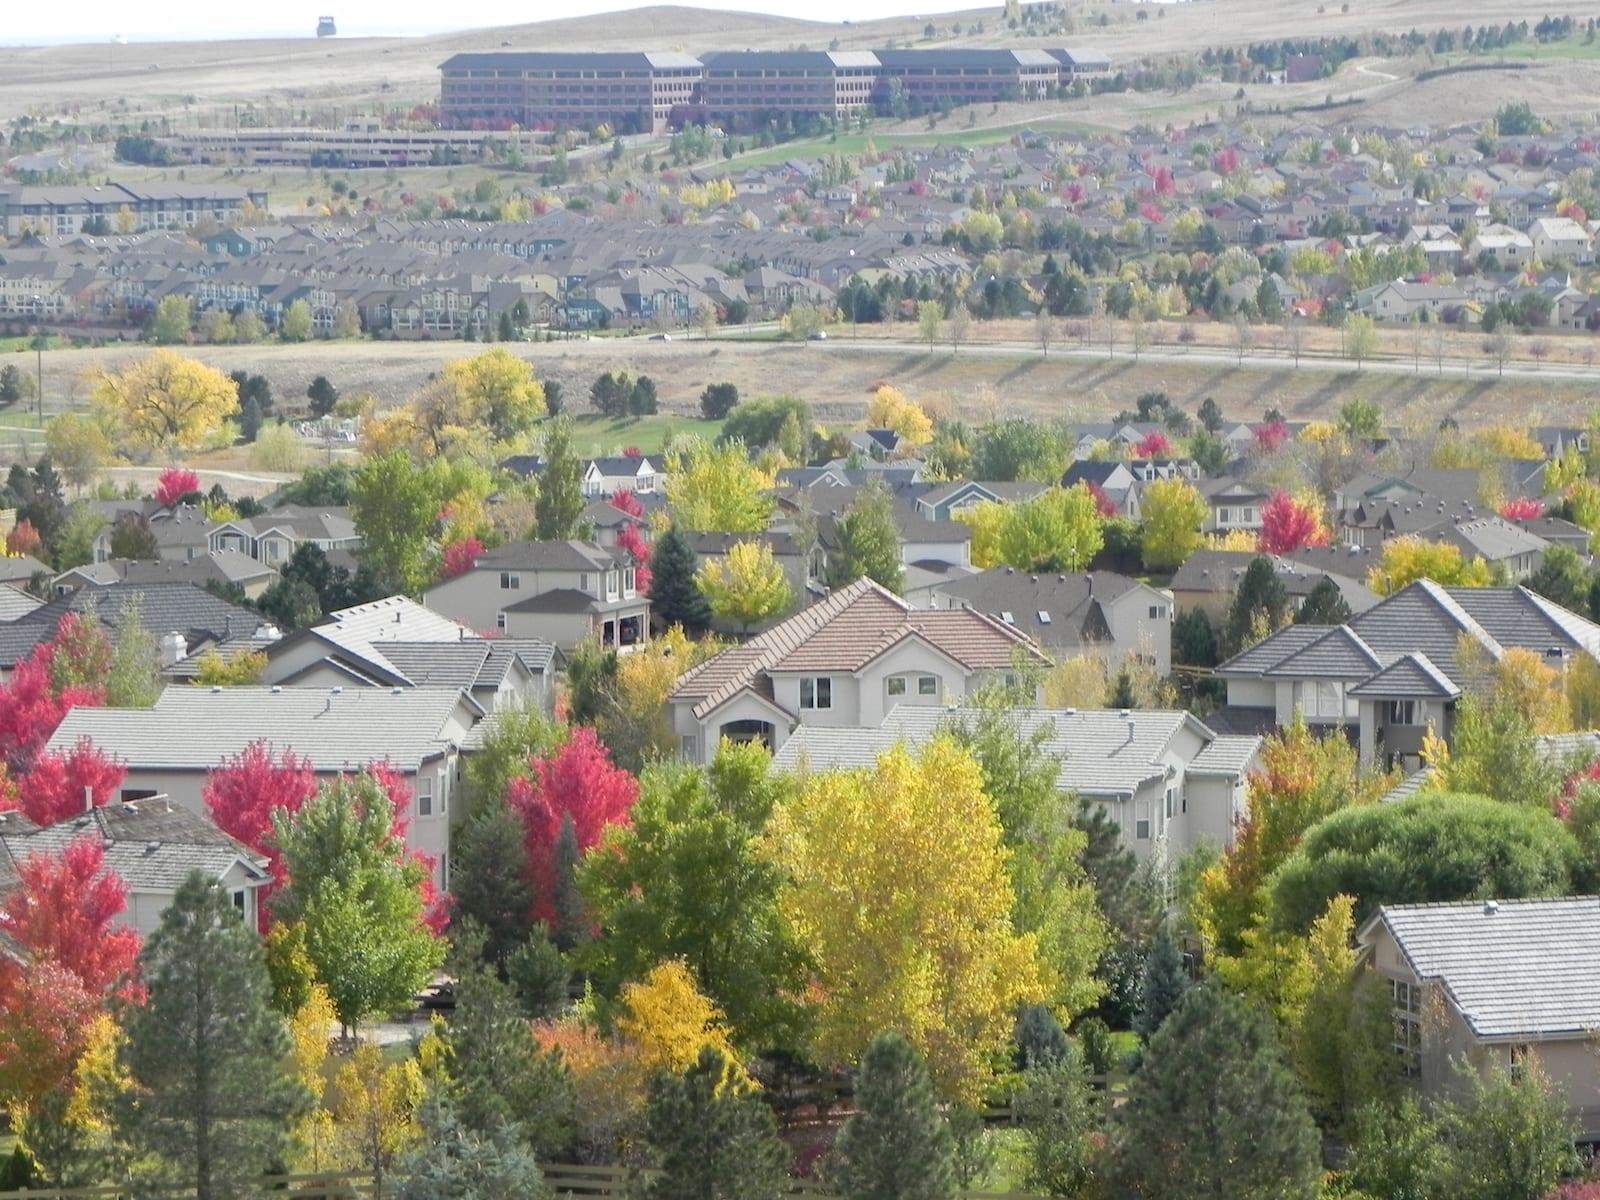 Superior Colorado Rock Creek Ranch Neighborhood